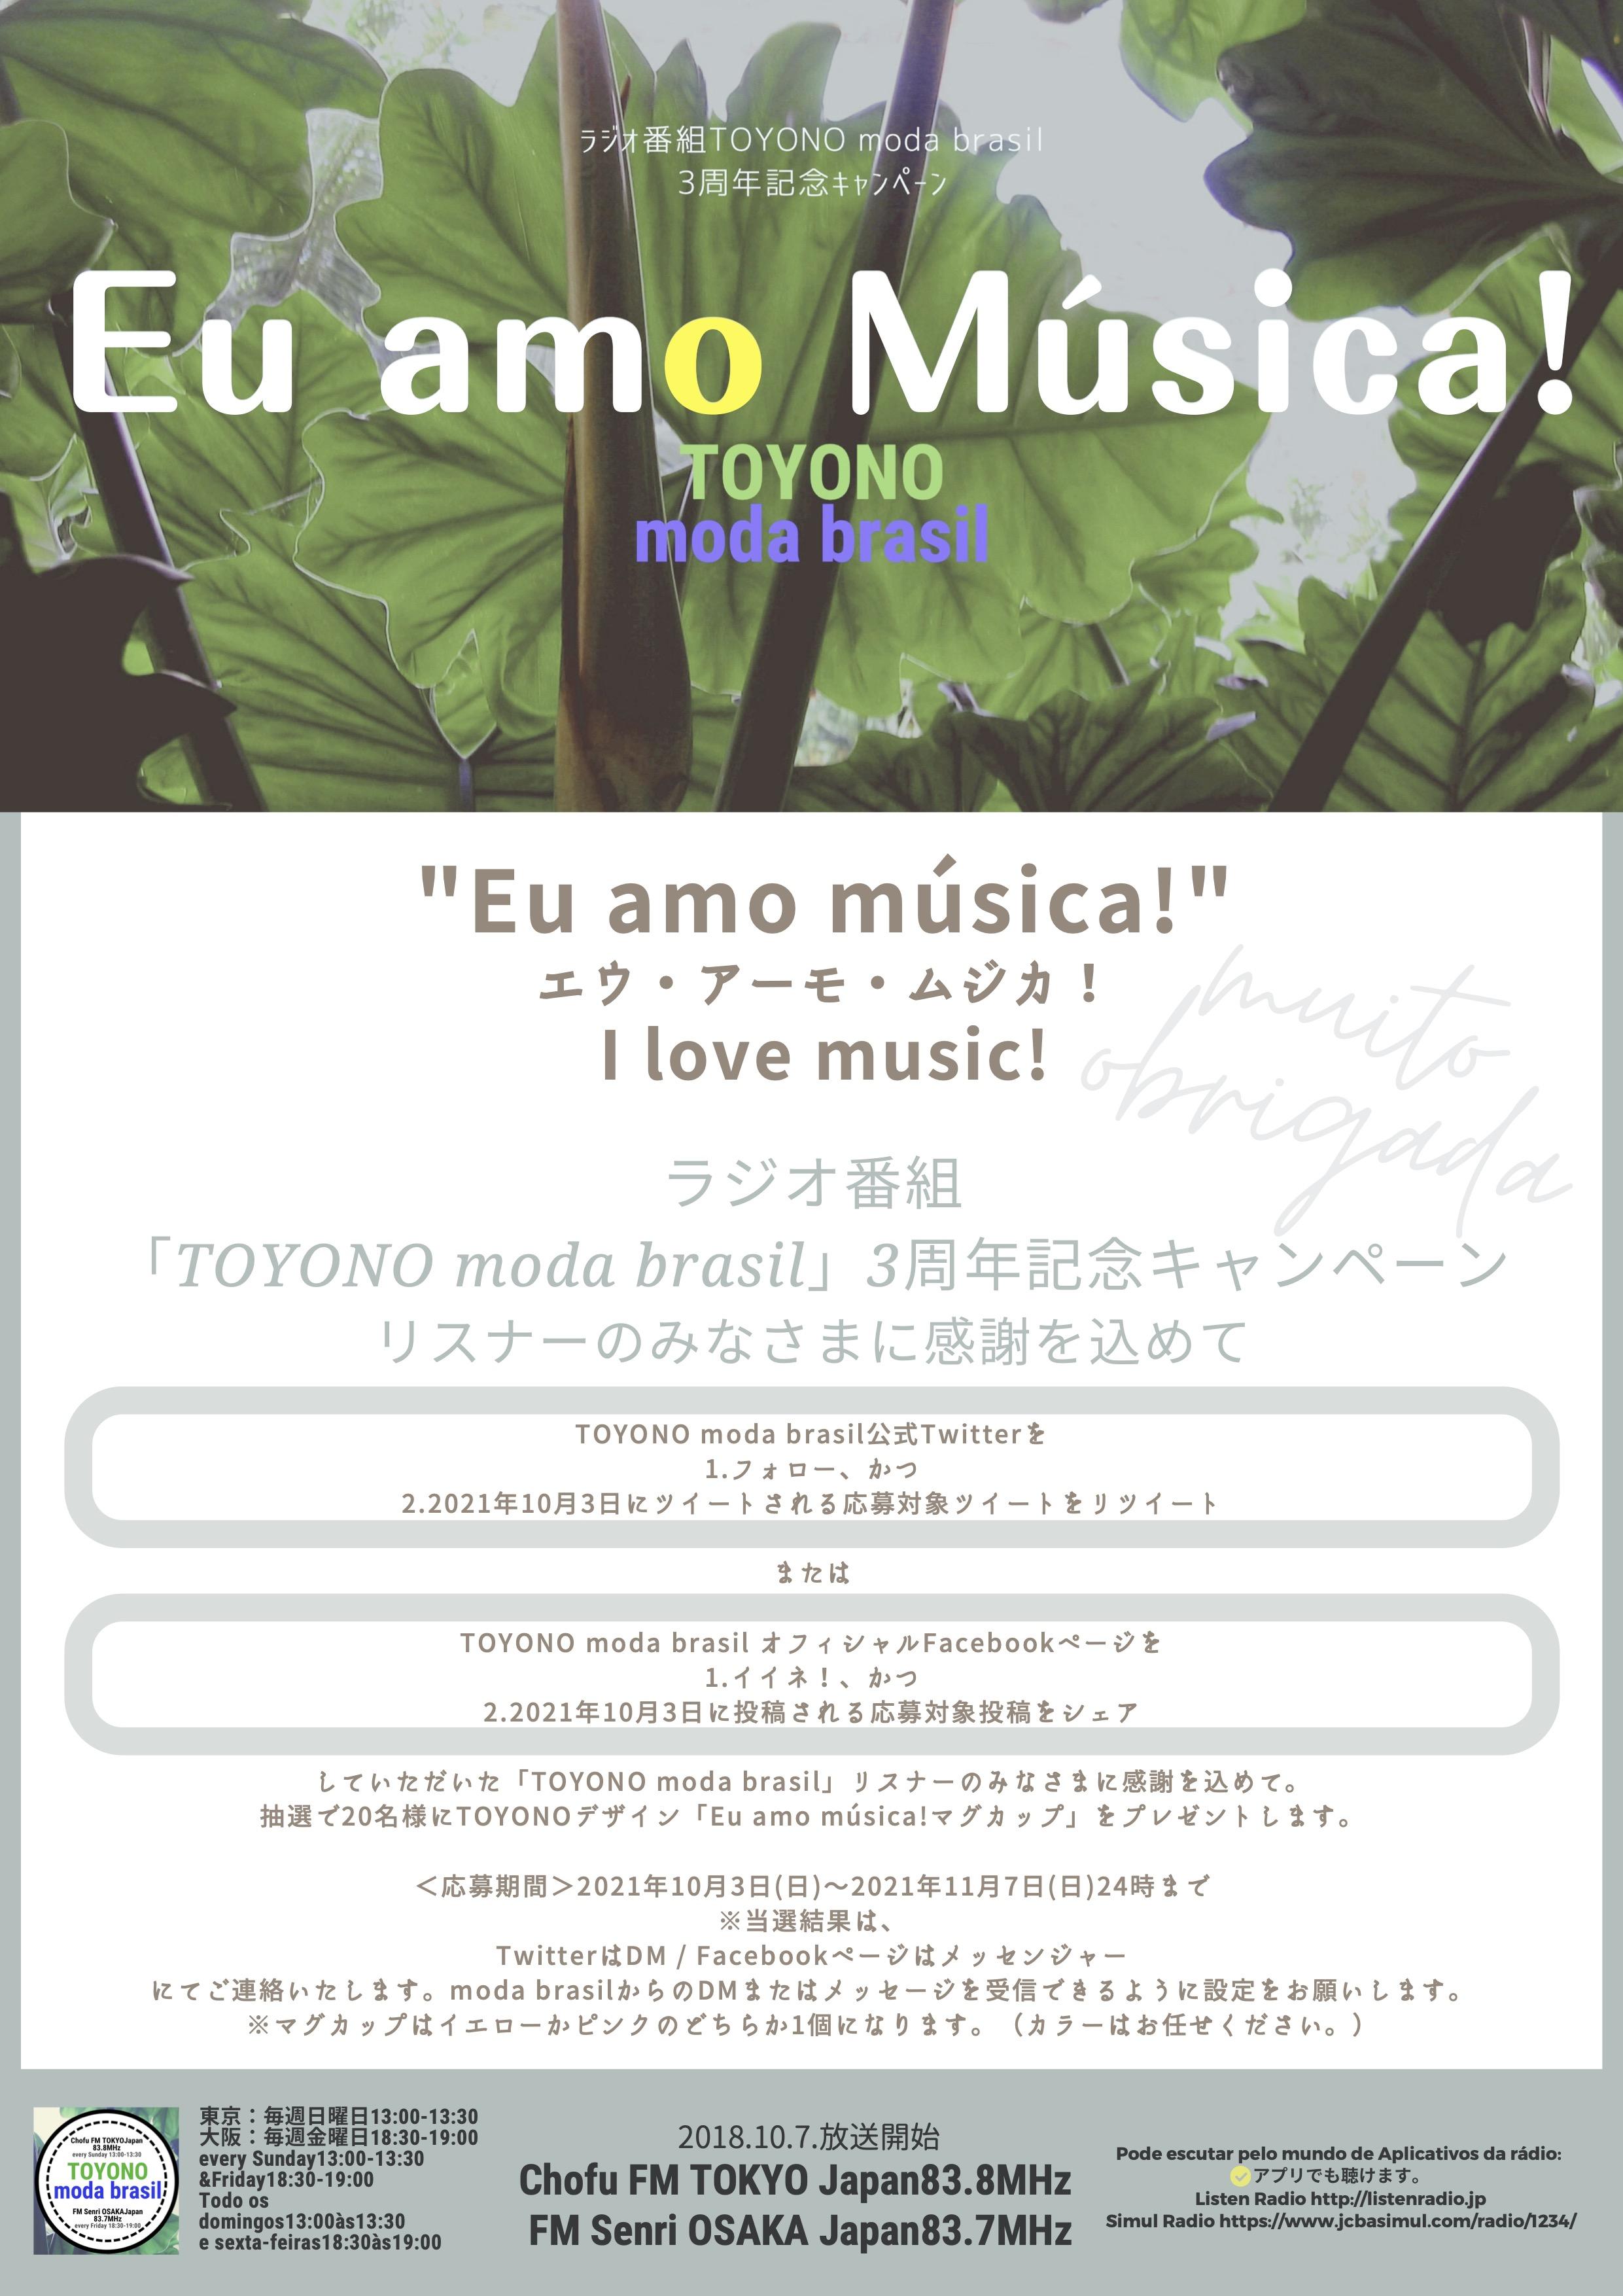 Eu amo música!フライヤー.jpg